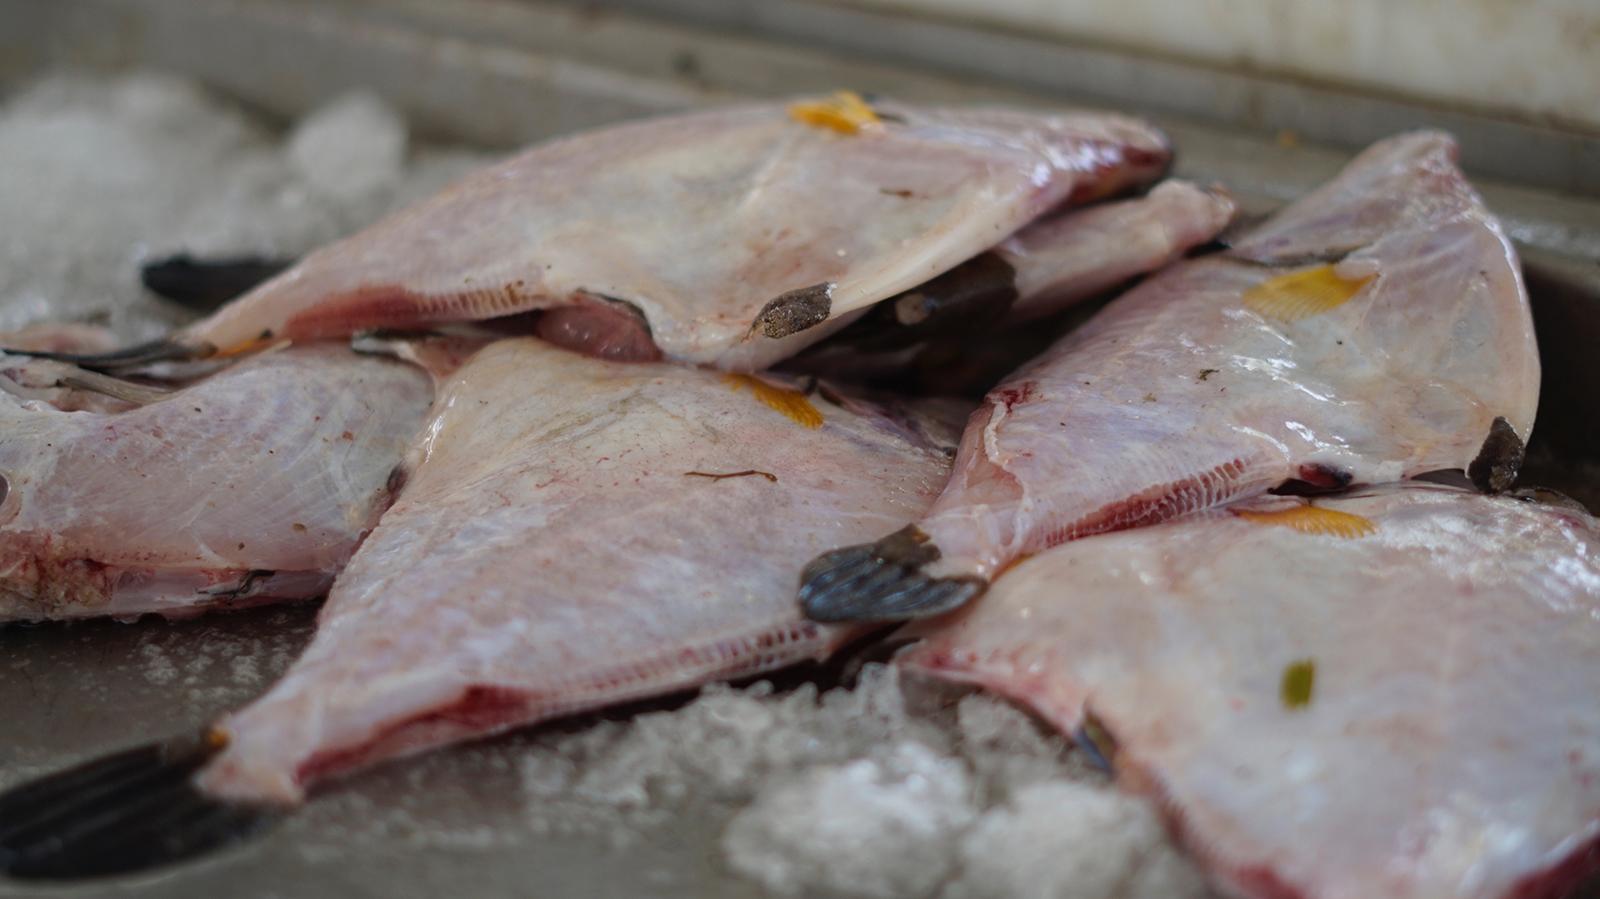 filets de poisson-lions-Guadeloupe-Marché au poisson de Baille-Argent